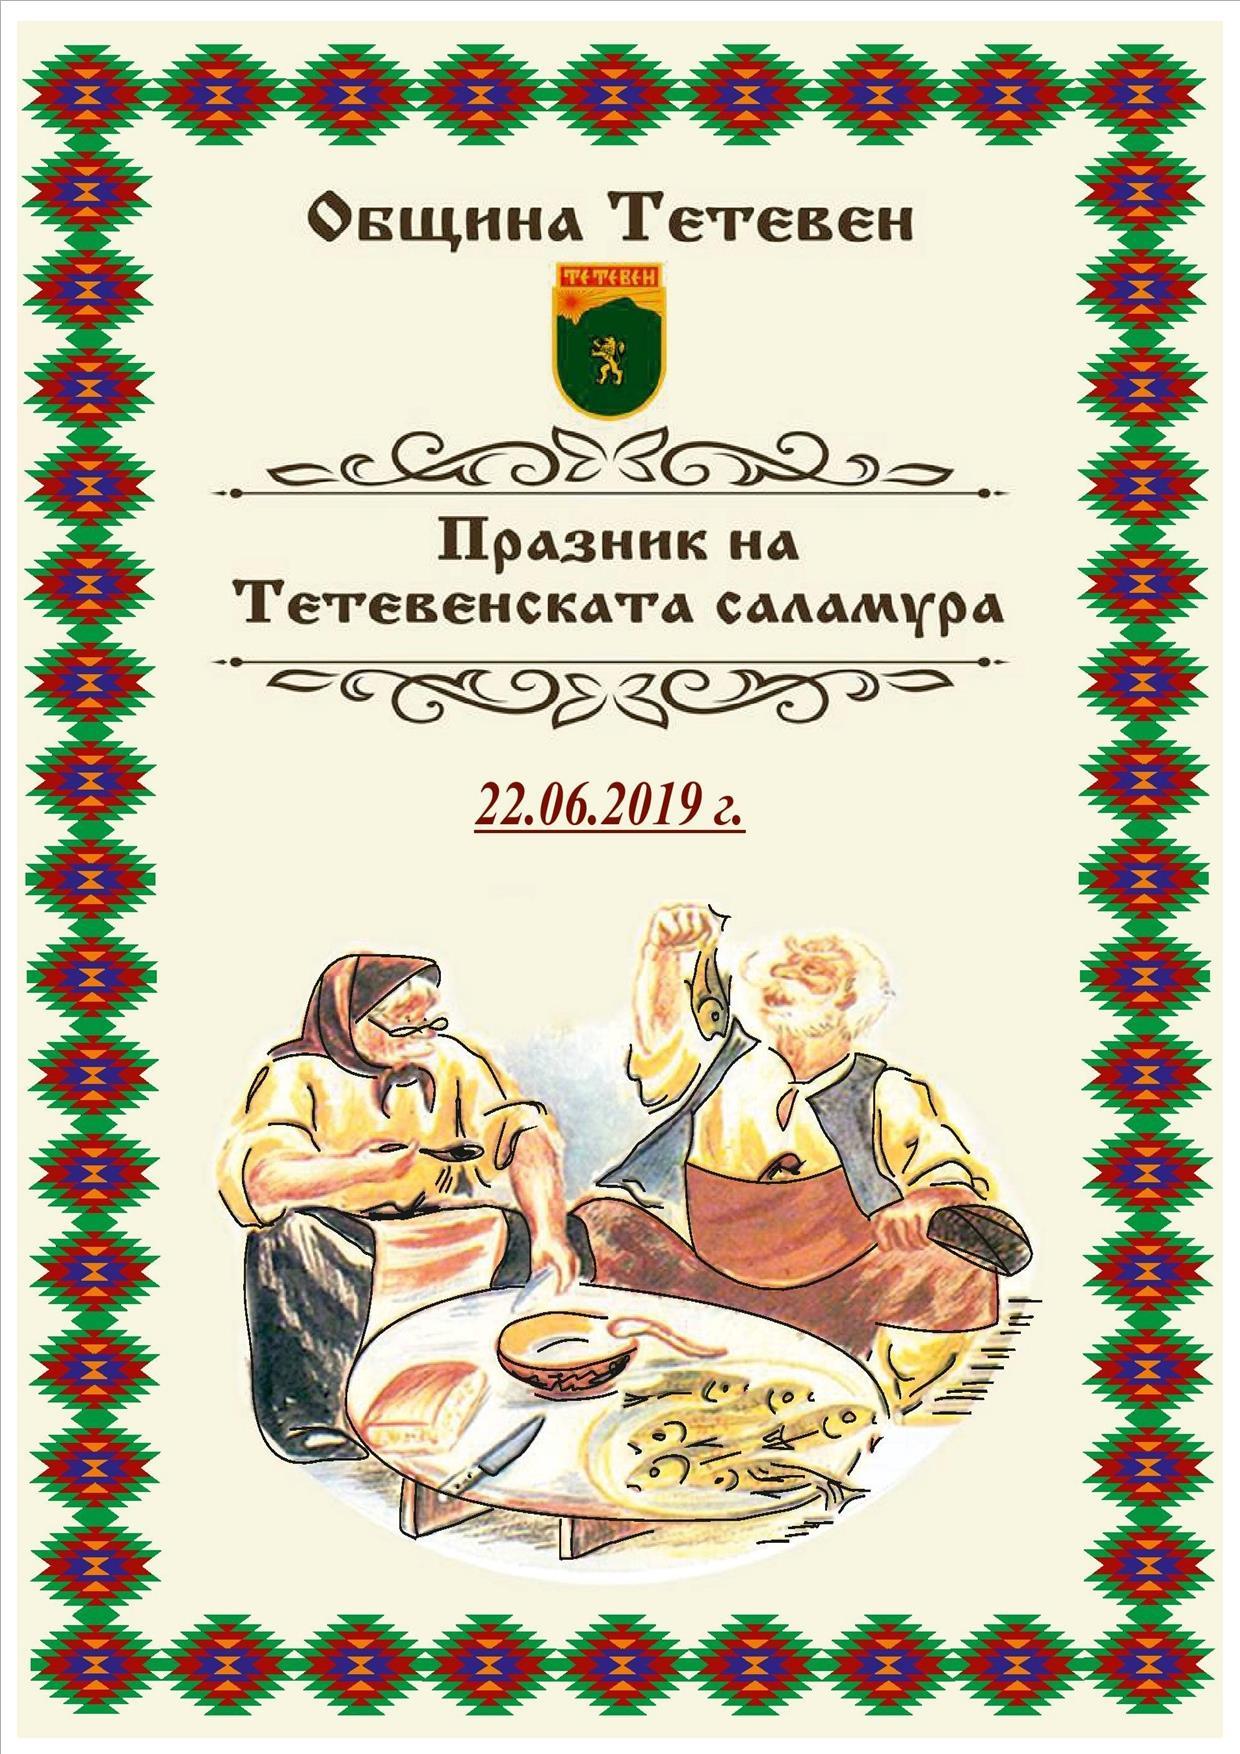 Плакат саламура 19